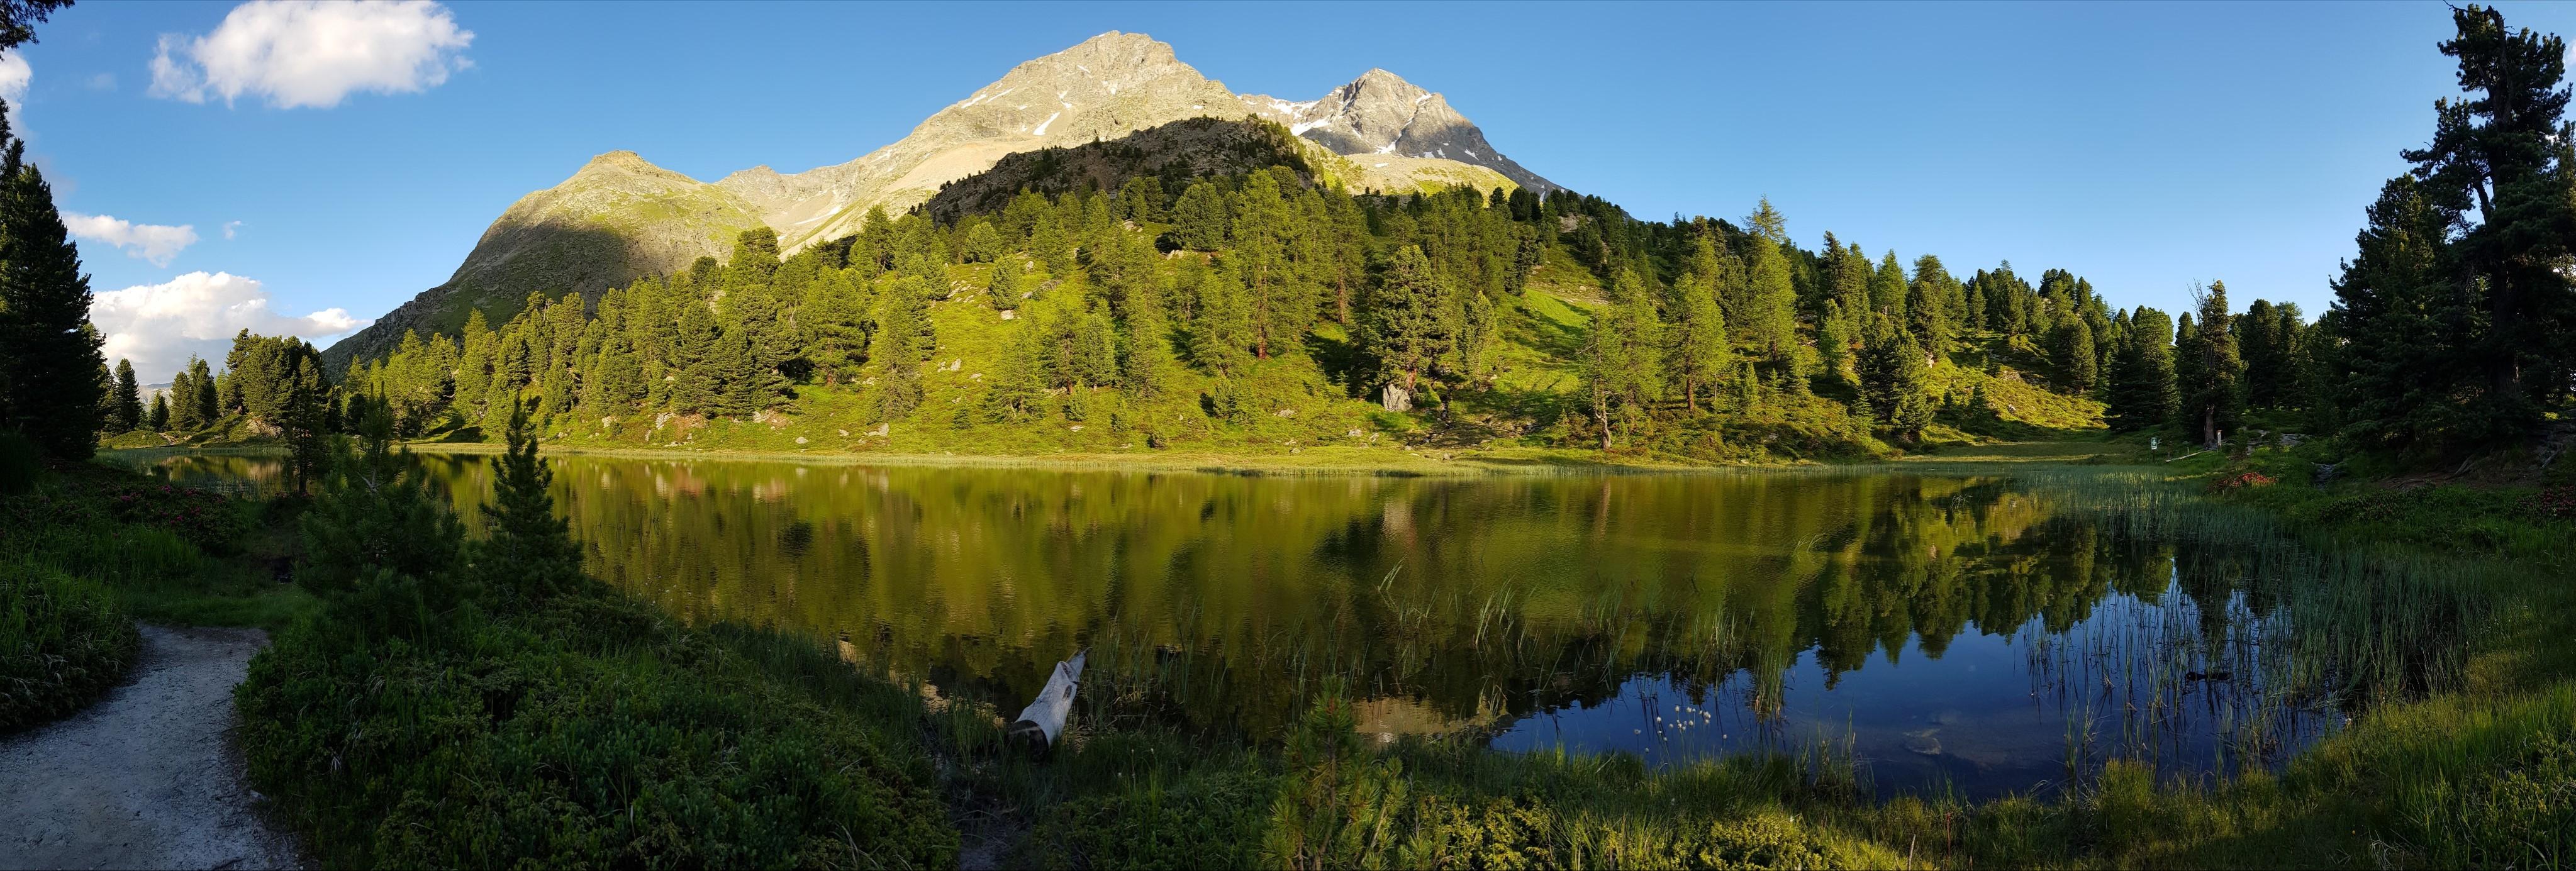 Engadine, St. Moritz, Hahnensee, Lej dals Chöds